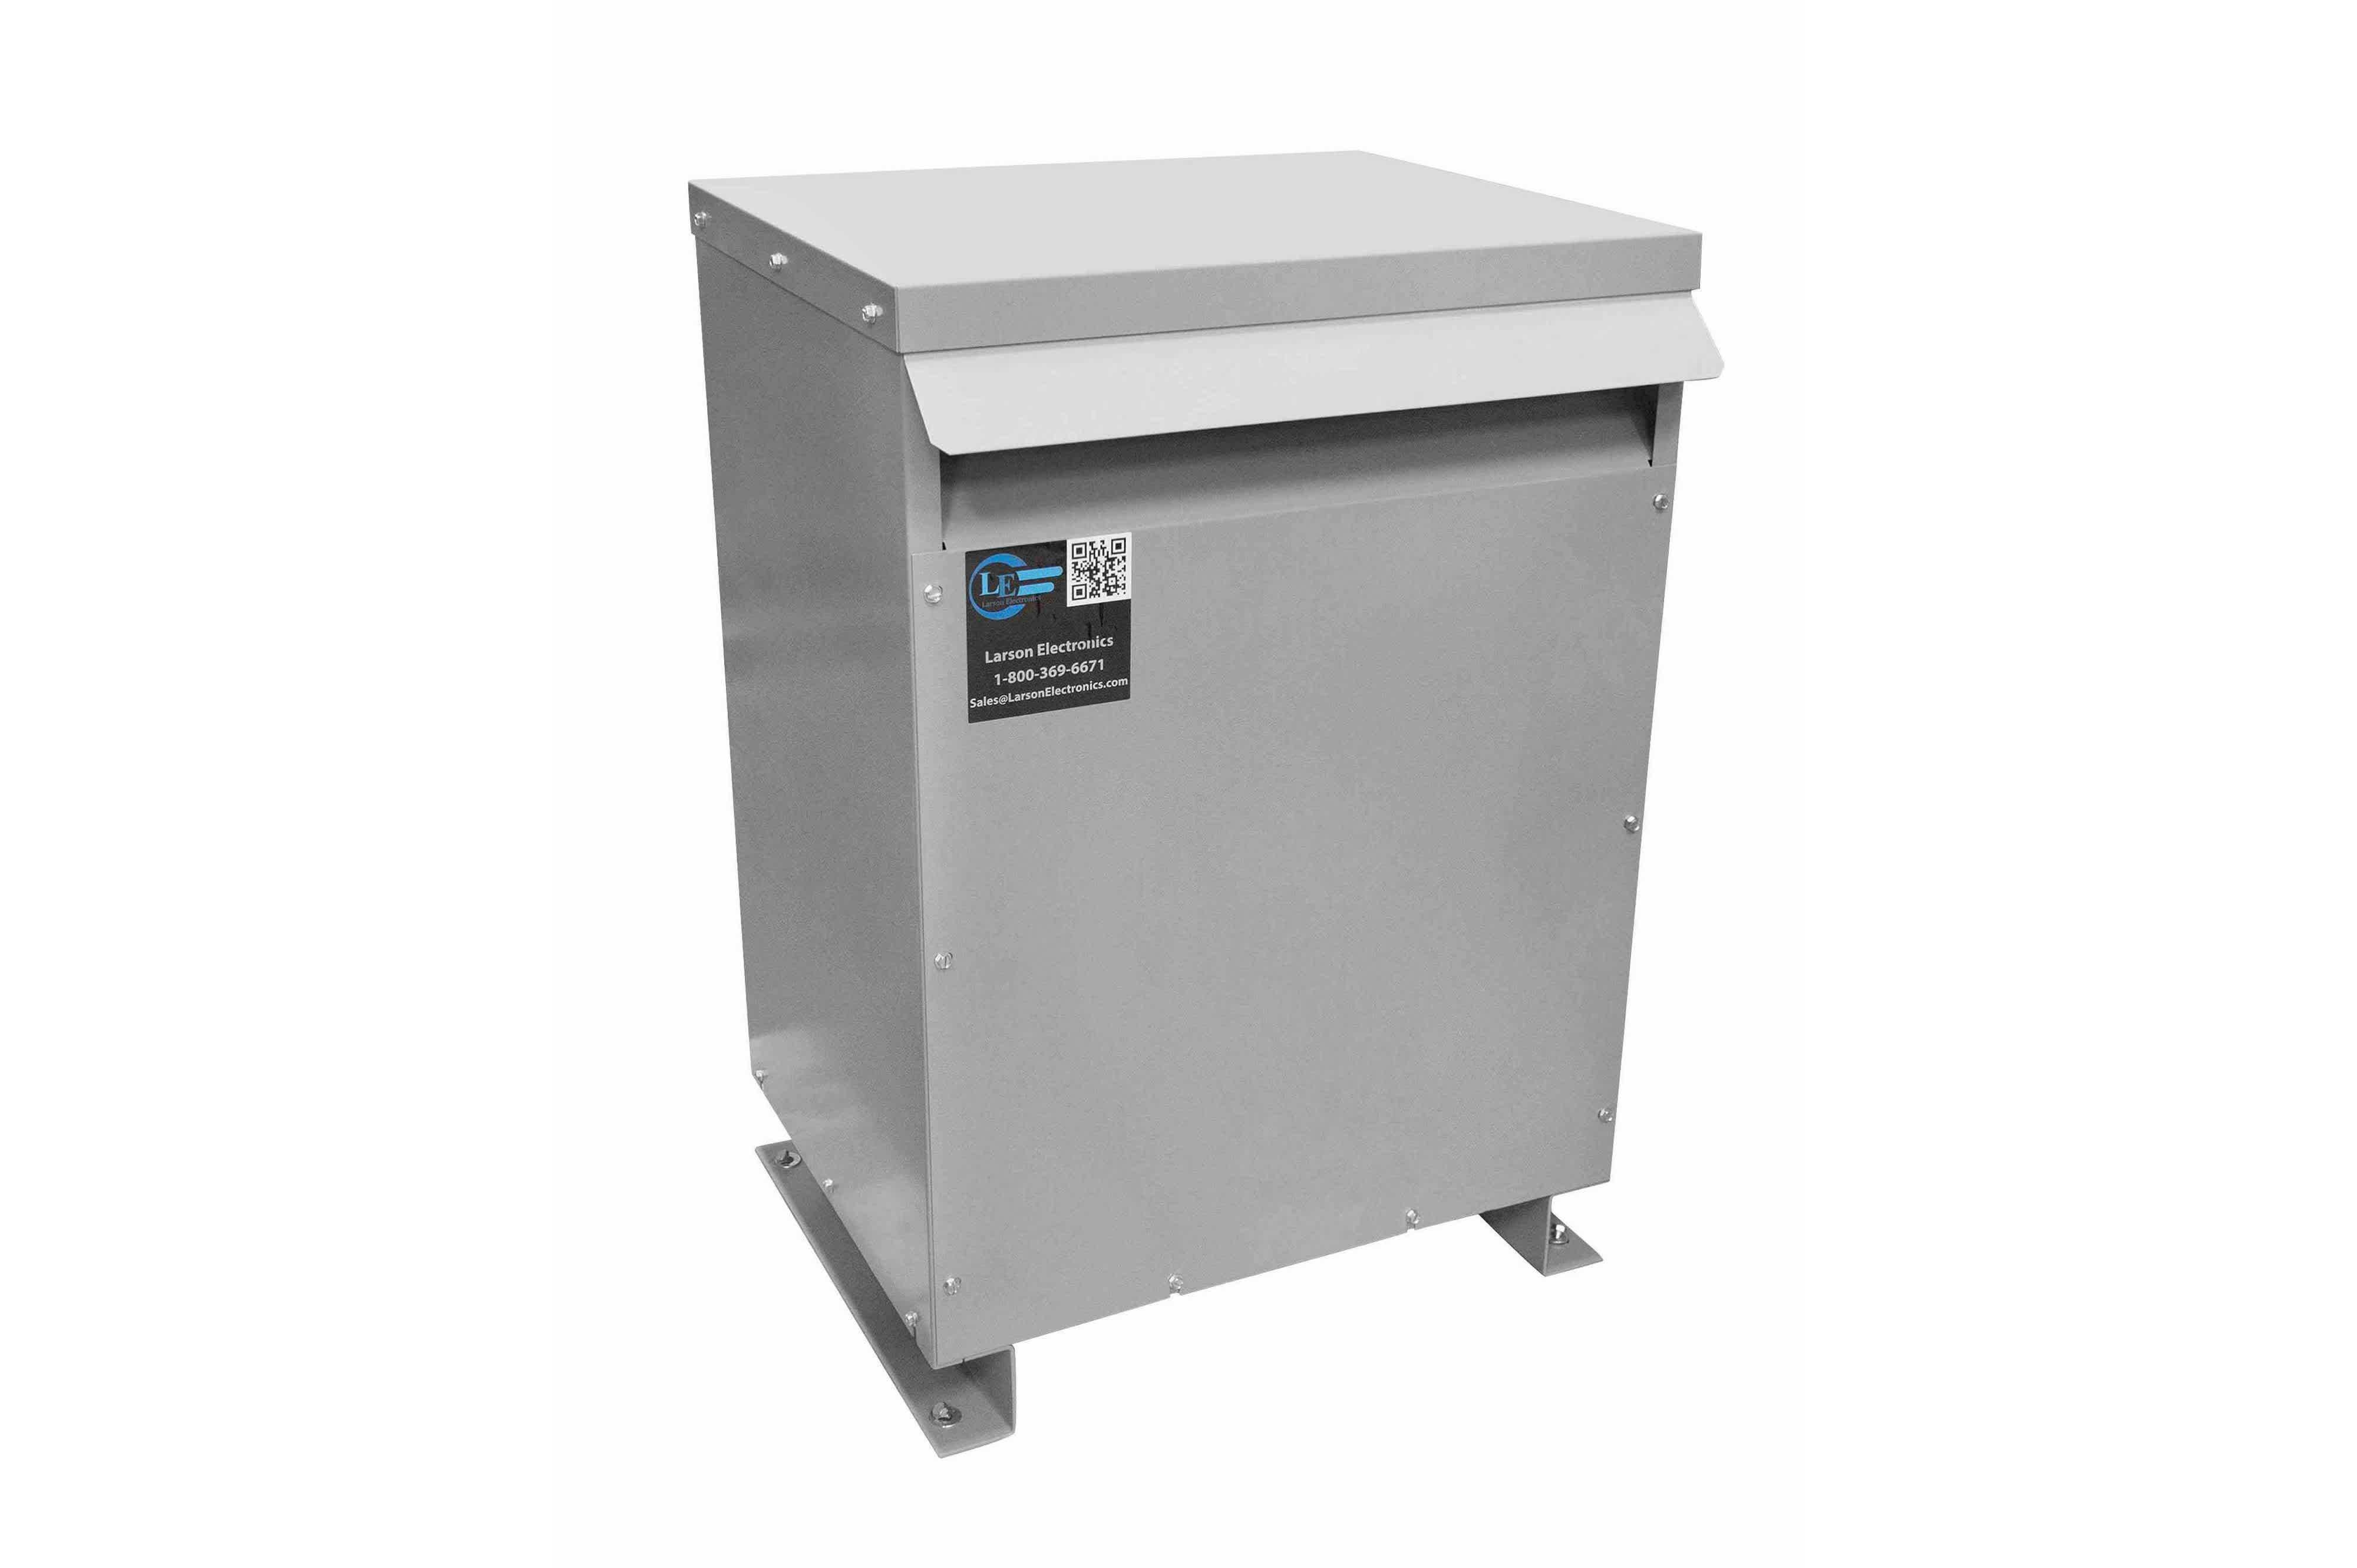 125 kVA 3PH Isolation Transformer, 415V Delta Primary, 600V Delta Secondary, N3R, Ventilated, 60 Hz